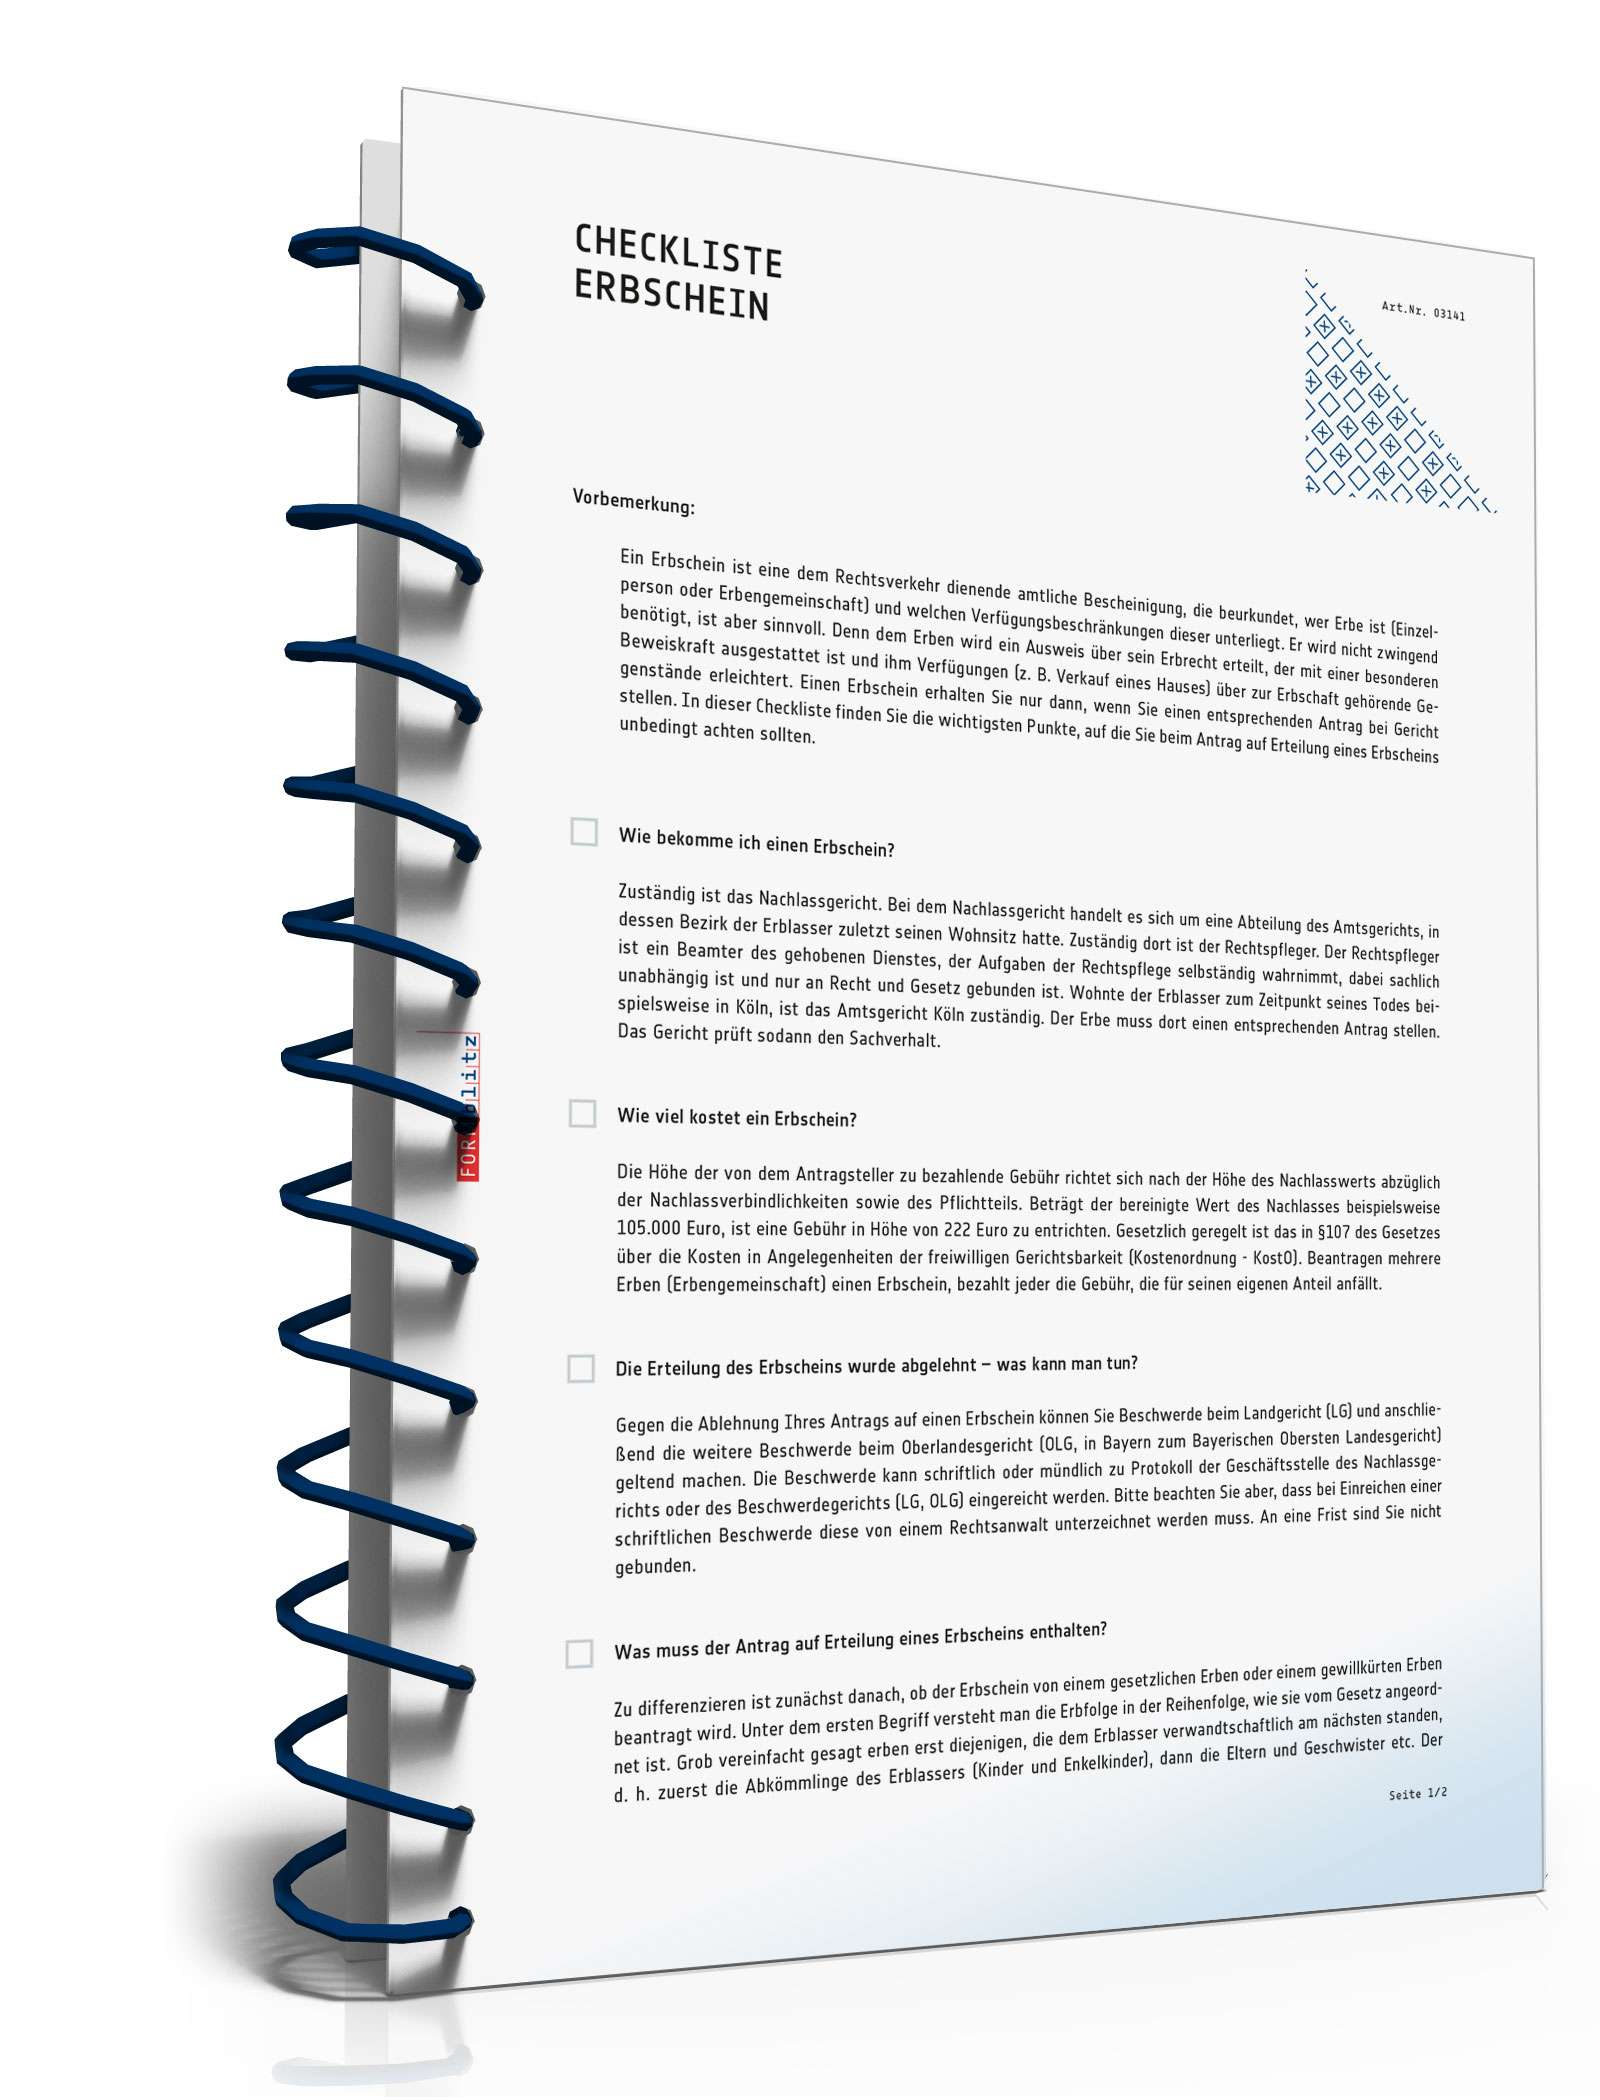 checkliste fr einen antrag auf erbschein - Erbschein Beantragen Muster